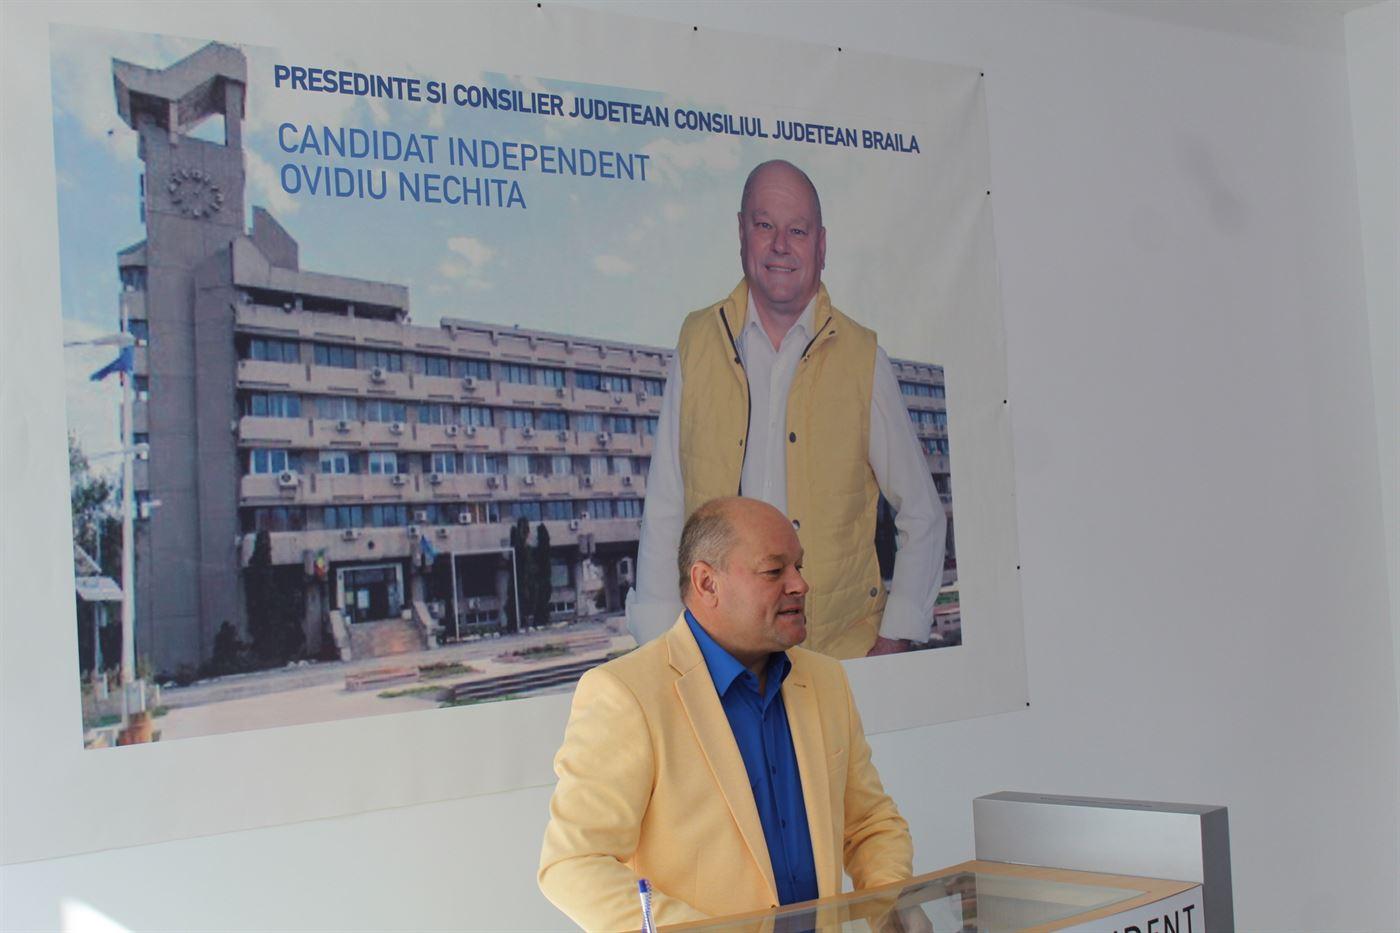 Primele 3 lucruri pe care le-ar face candidatul independent Ovidiu Nechita dacă va fi ales președinte CJ Brăila